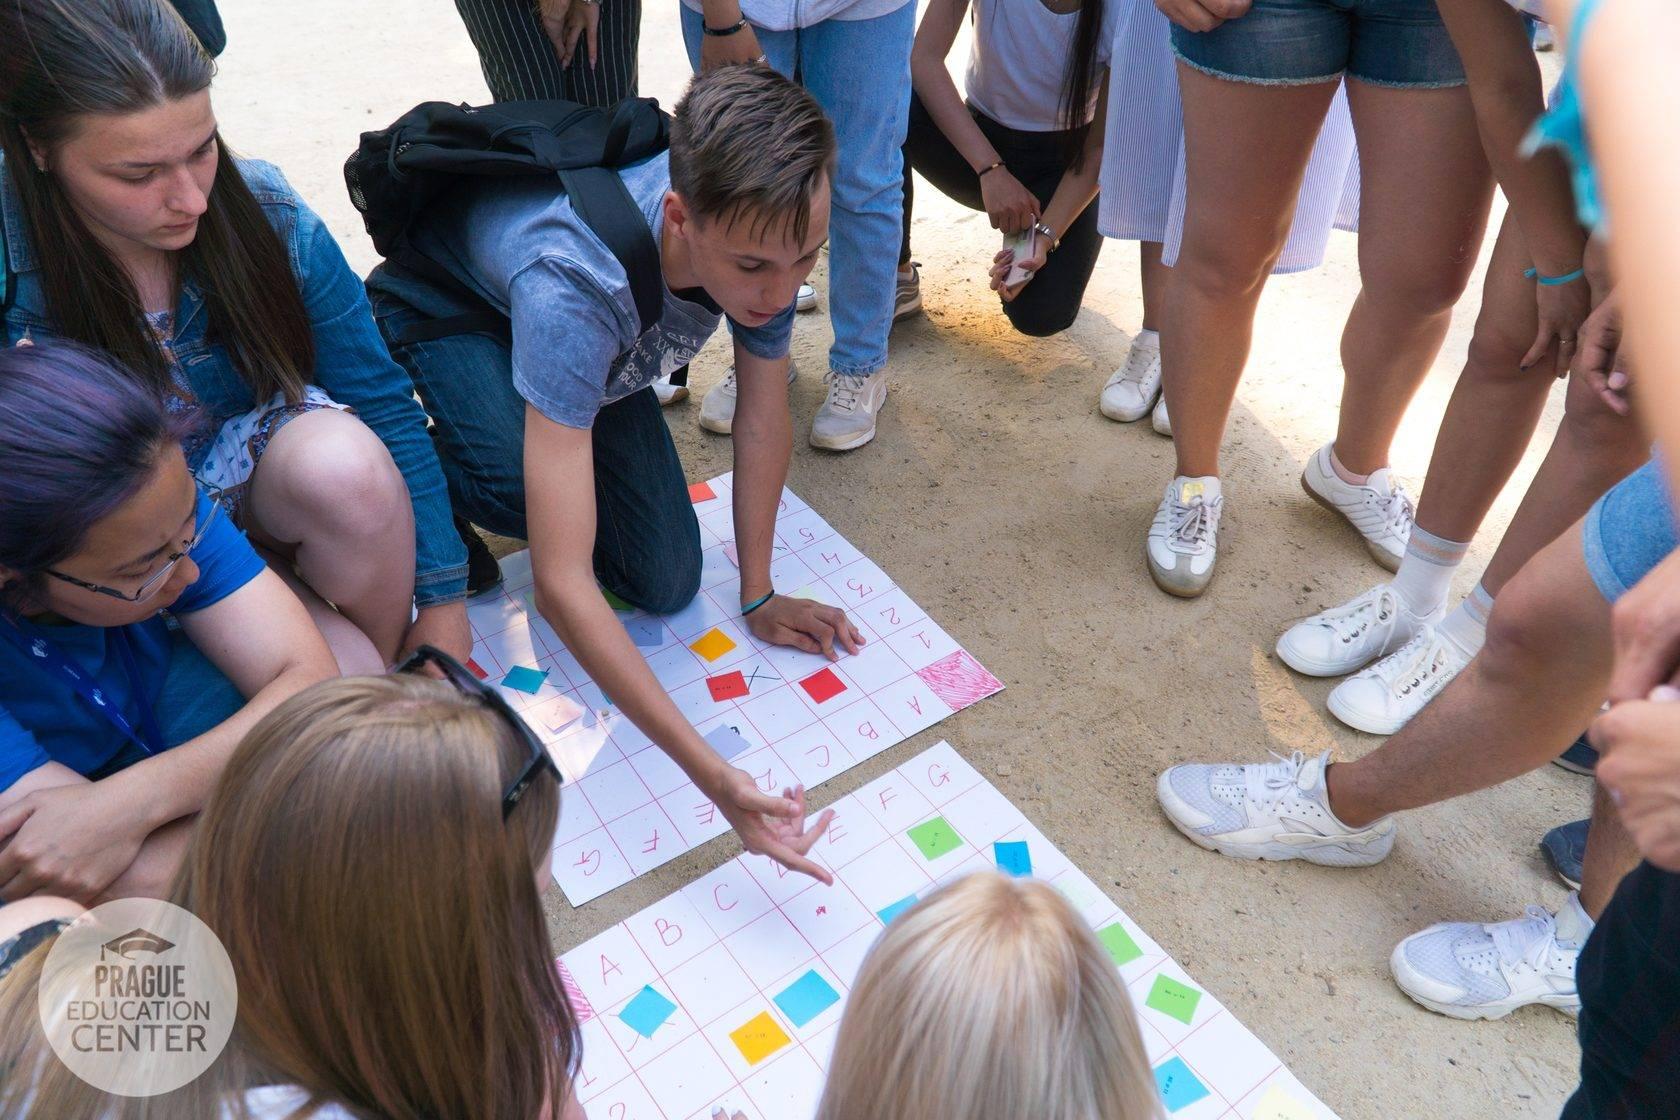 Языковые лагеря для детей в чехии для детей 10 лет  2021 - купить путевку, бронирование бесплатно